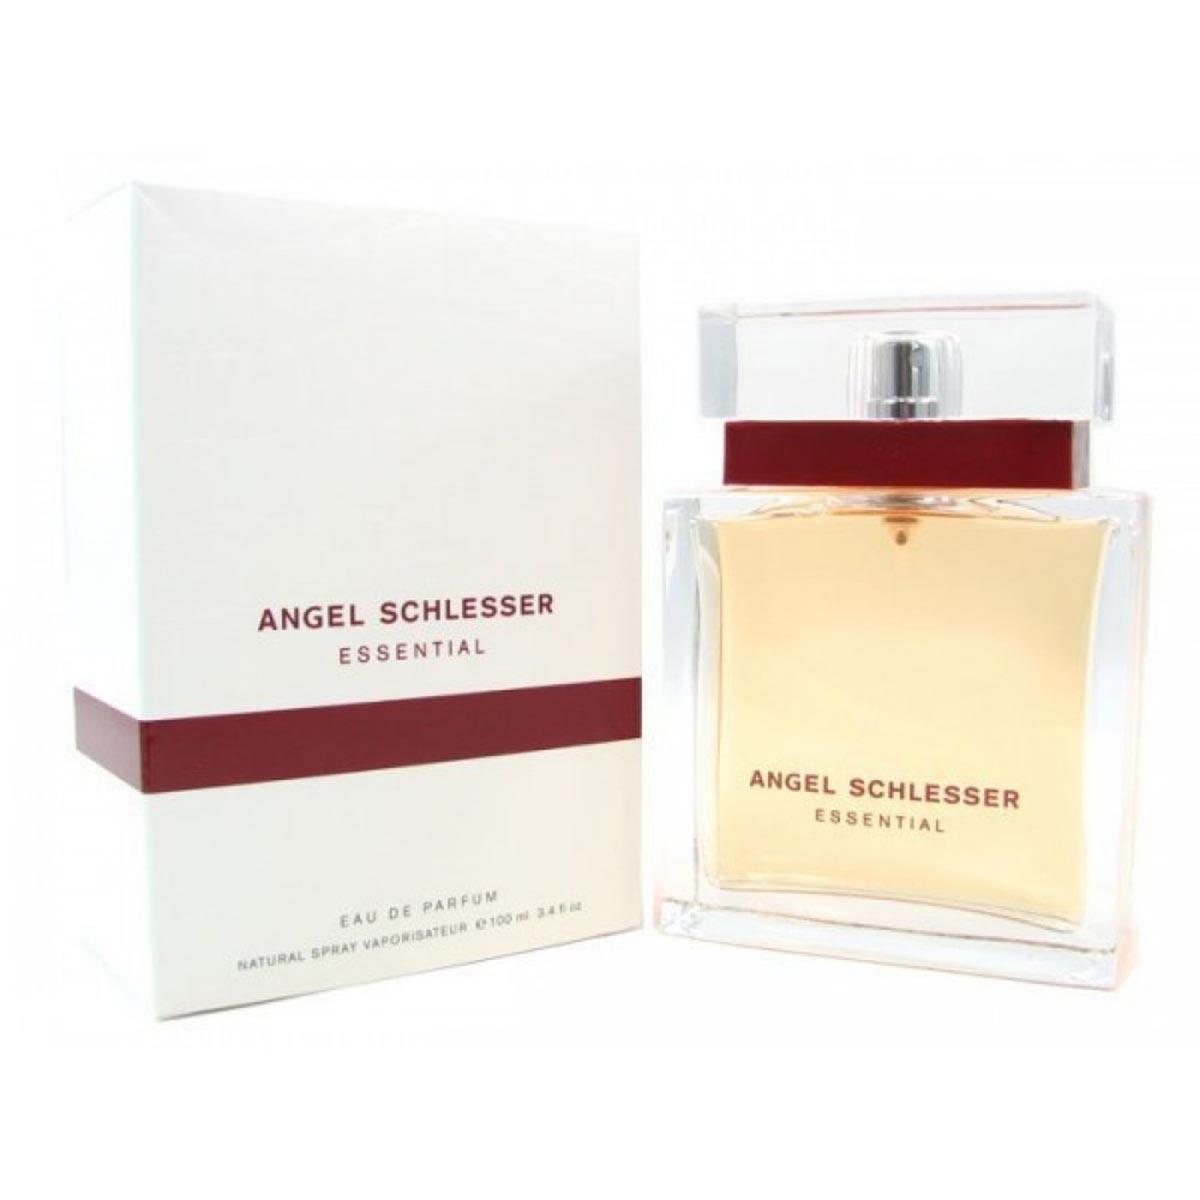 Angel schlesser essential eau de parfum 100ml vaporizador